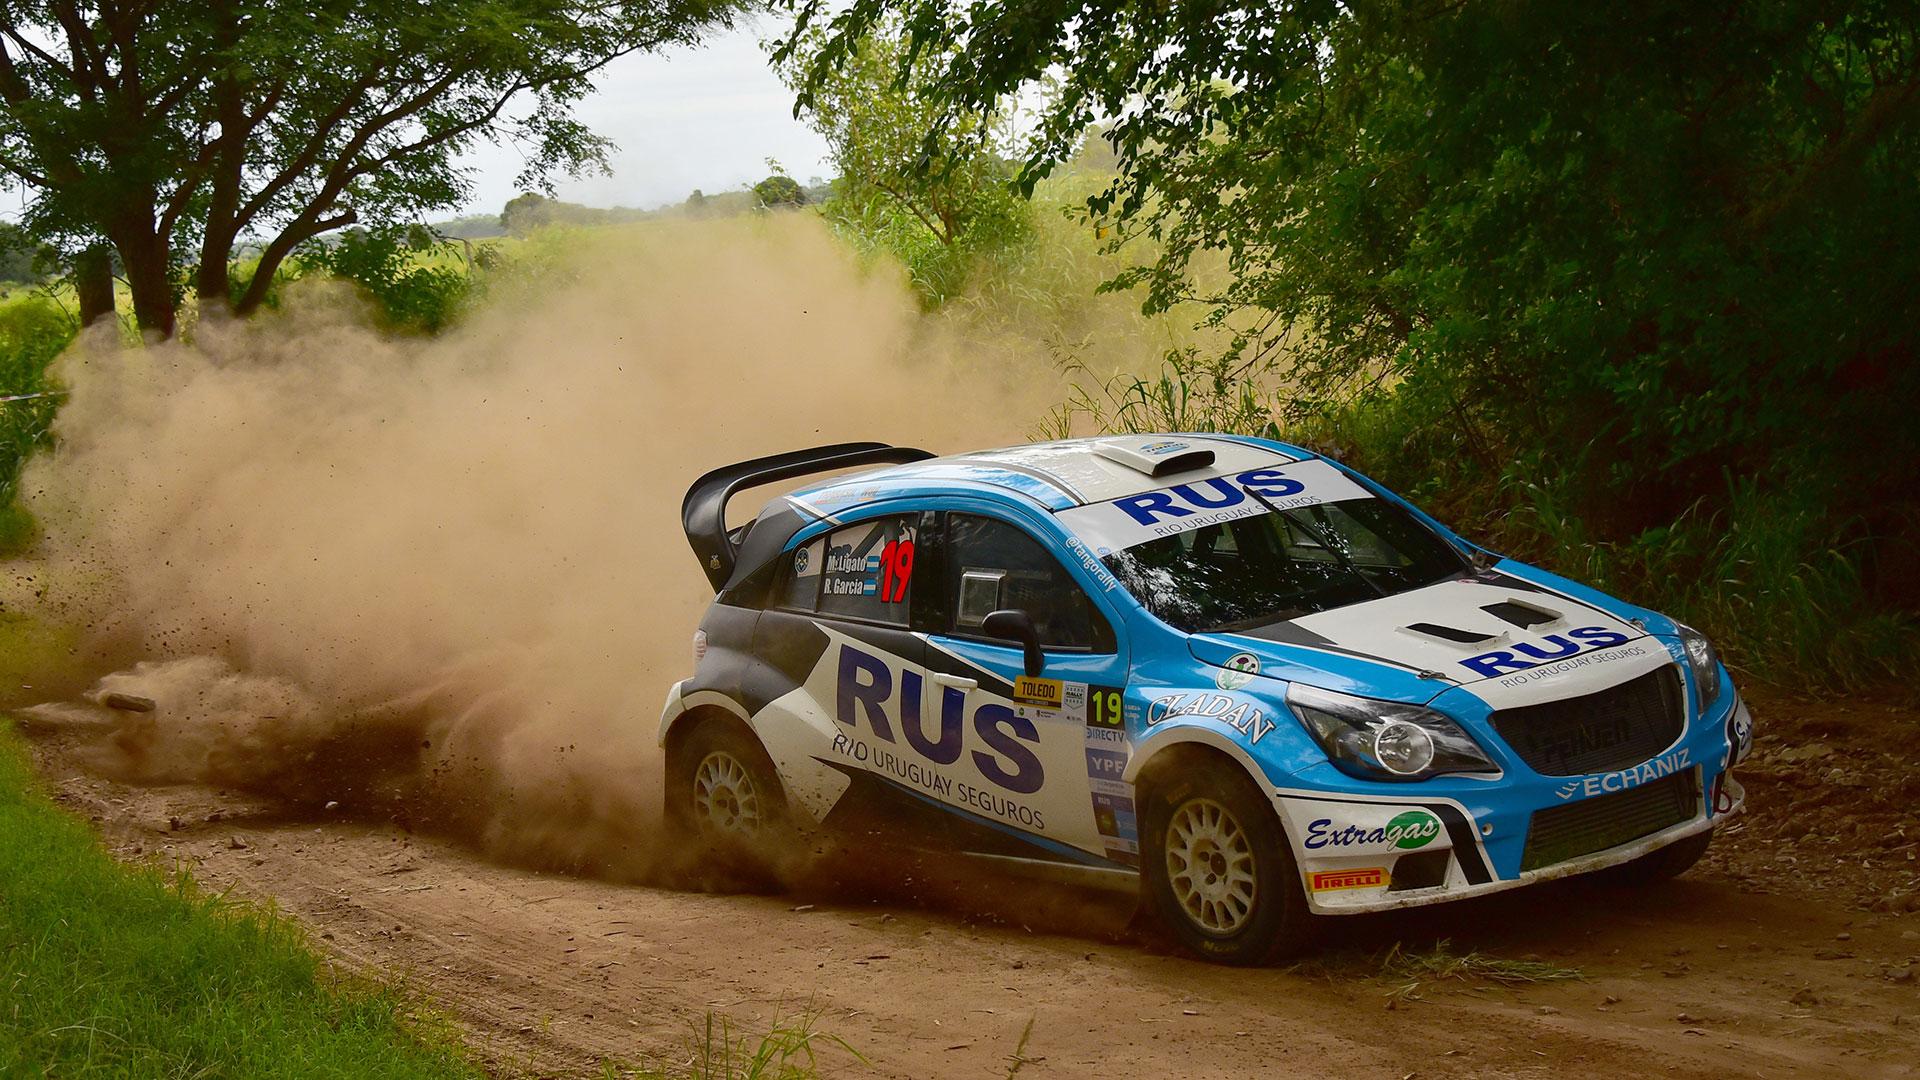 Ligato en acción: se quedó con el triunfo en la apertura del campeonato corrida en Toledo, provincia de Córdoba (Foto: Prensa Rally Argentino)